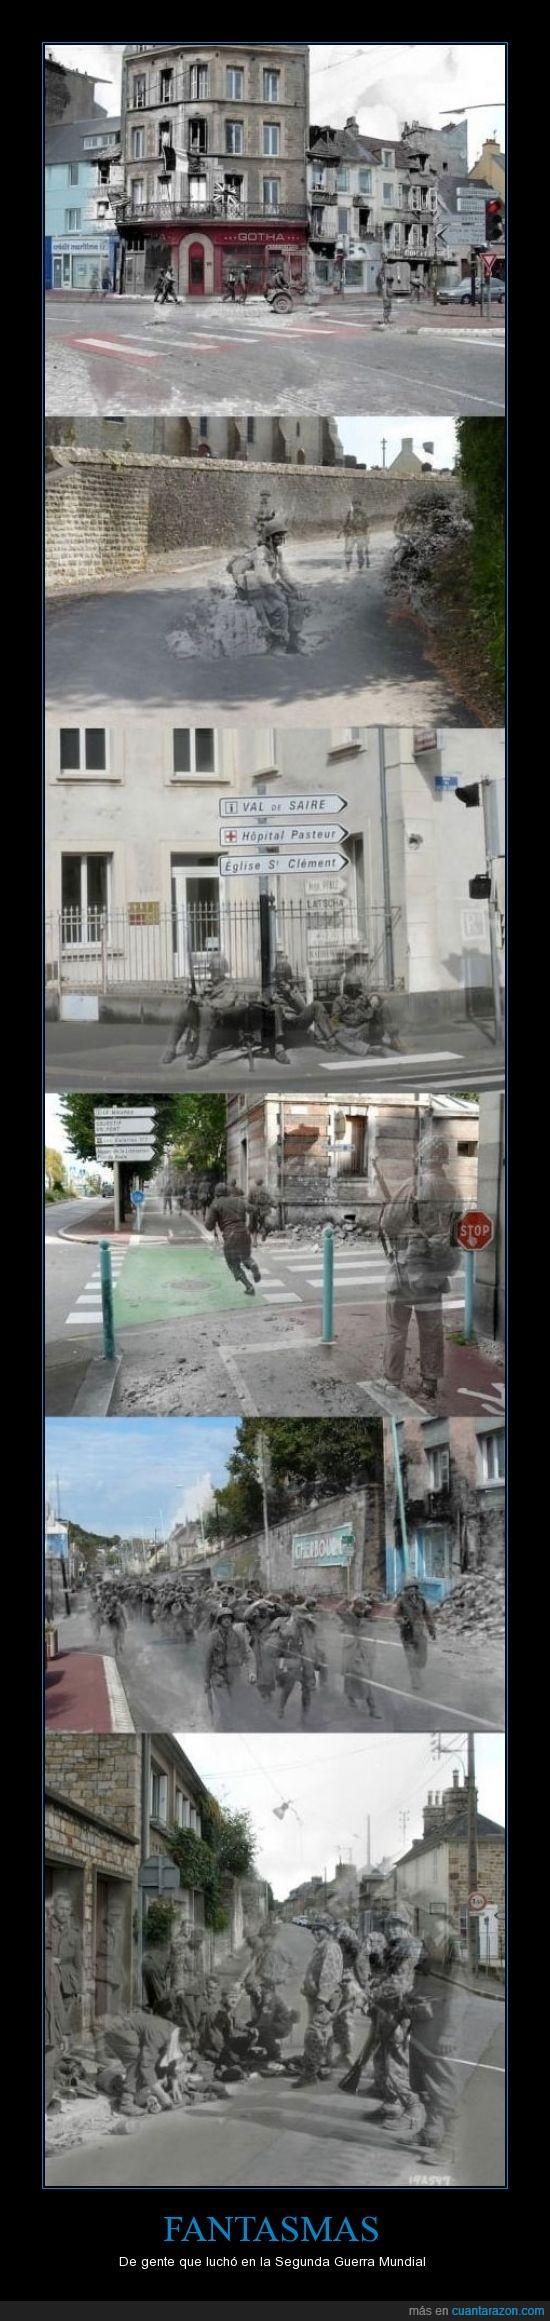 fantasmas,gente,increible,lugares,nostalgia,segunda guerra mundial